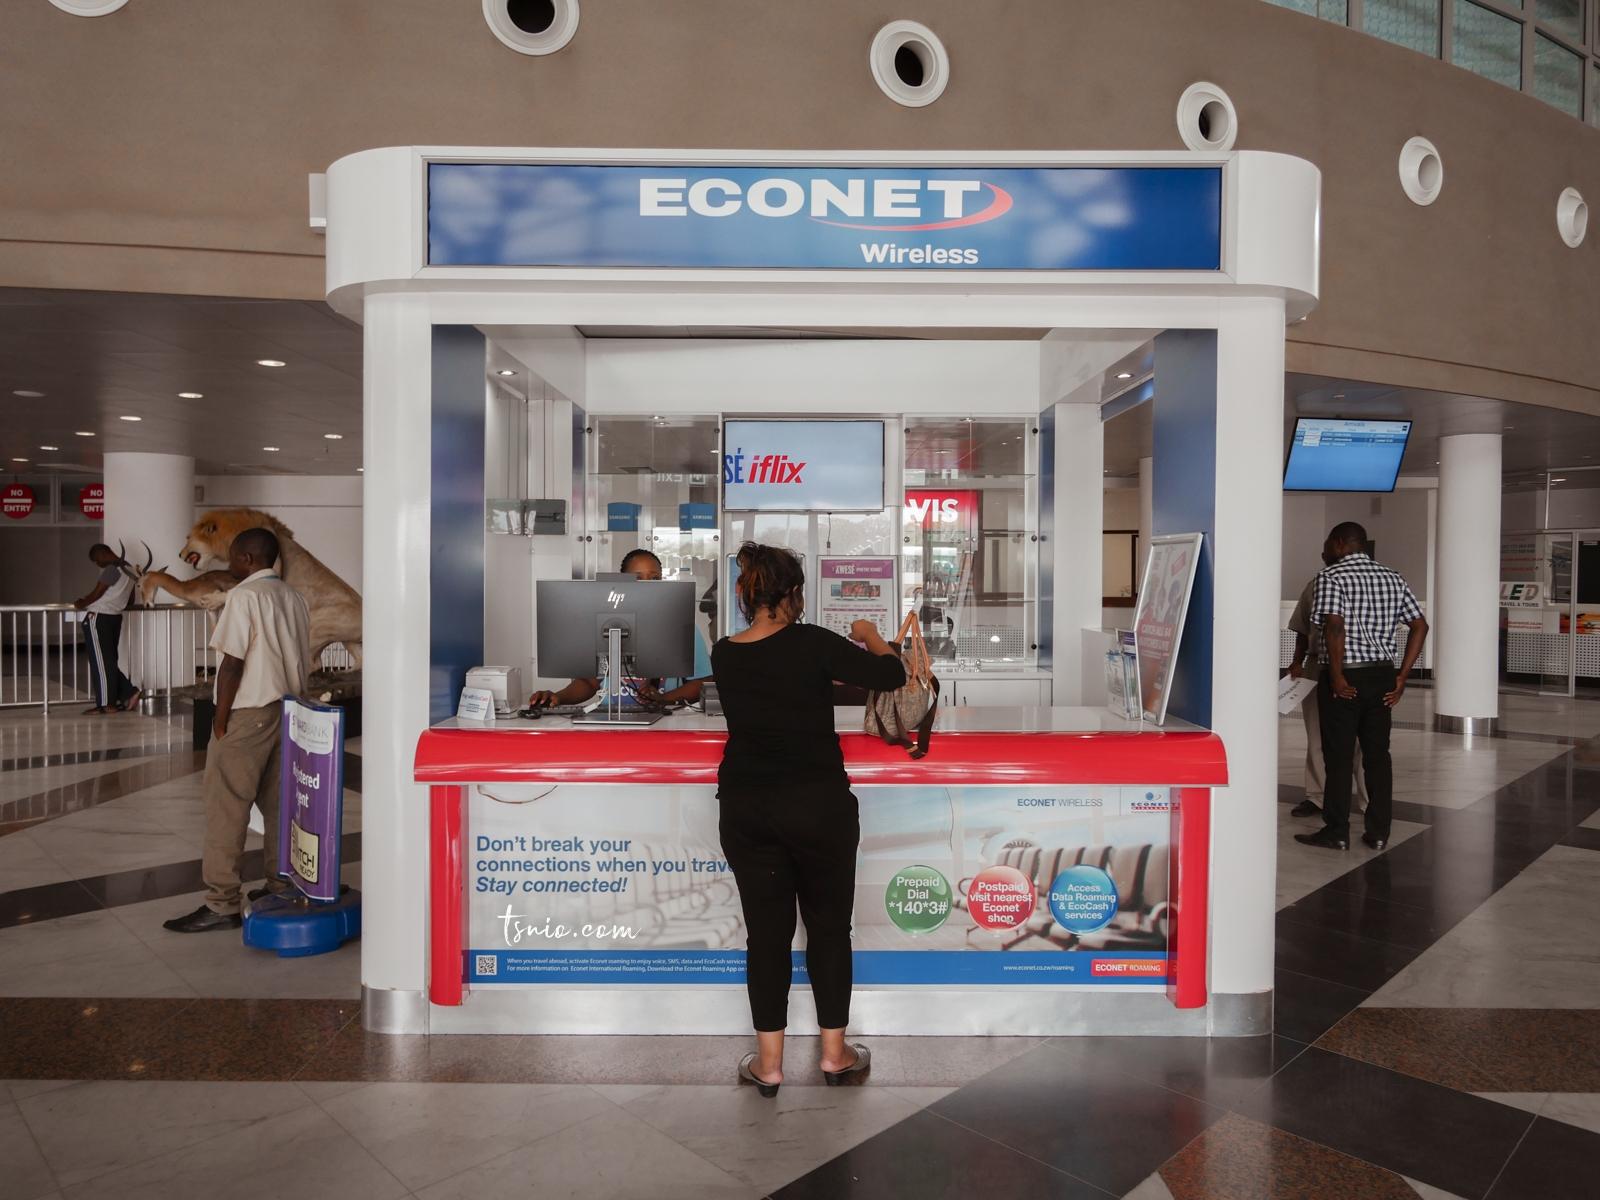 辛巴威旅遊攻略 行程安排、行前準備、機票、簽證、交通、住宿、景點 辛巴威自由行懶人包